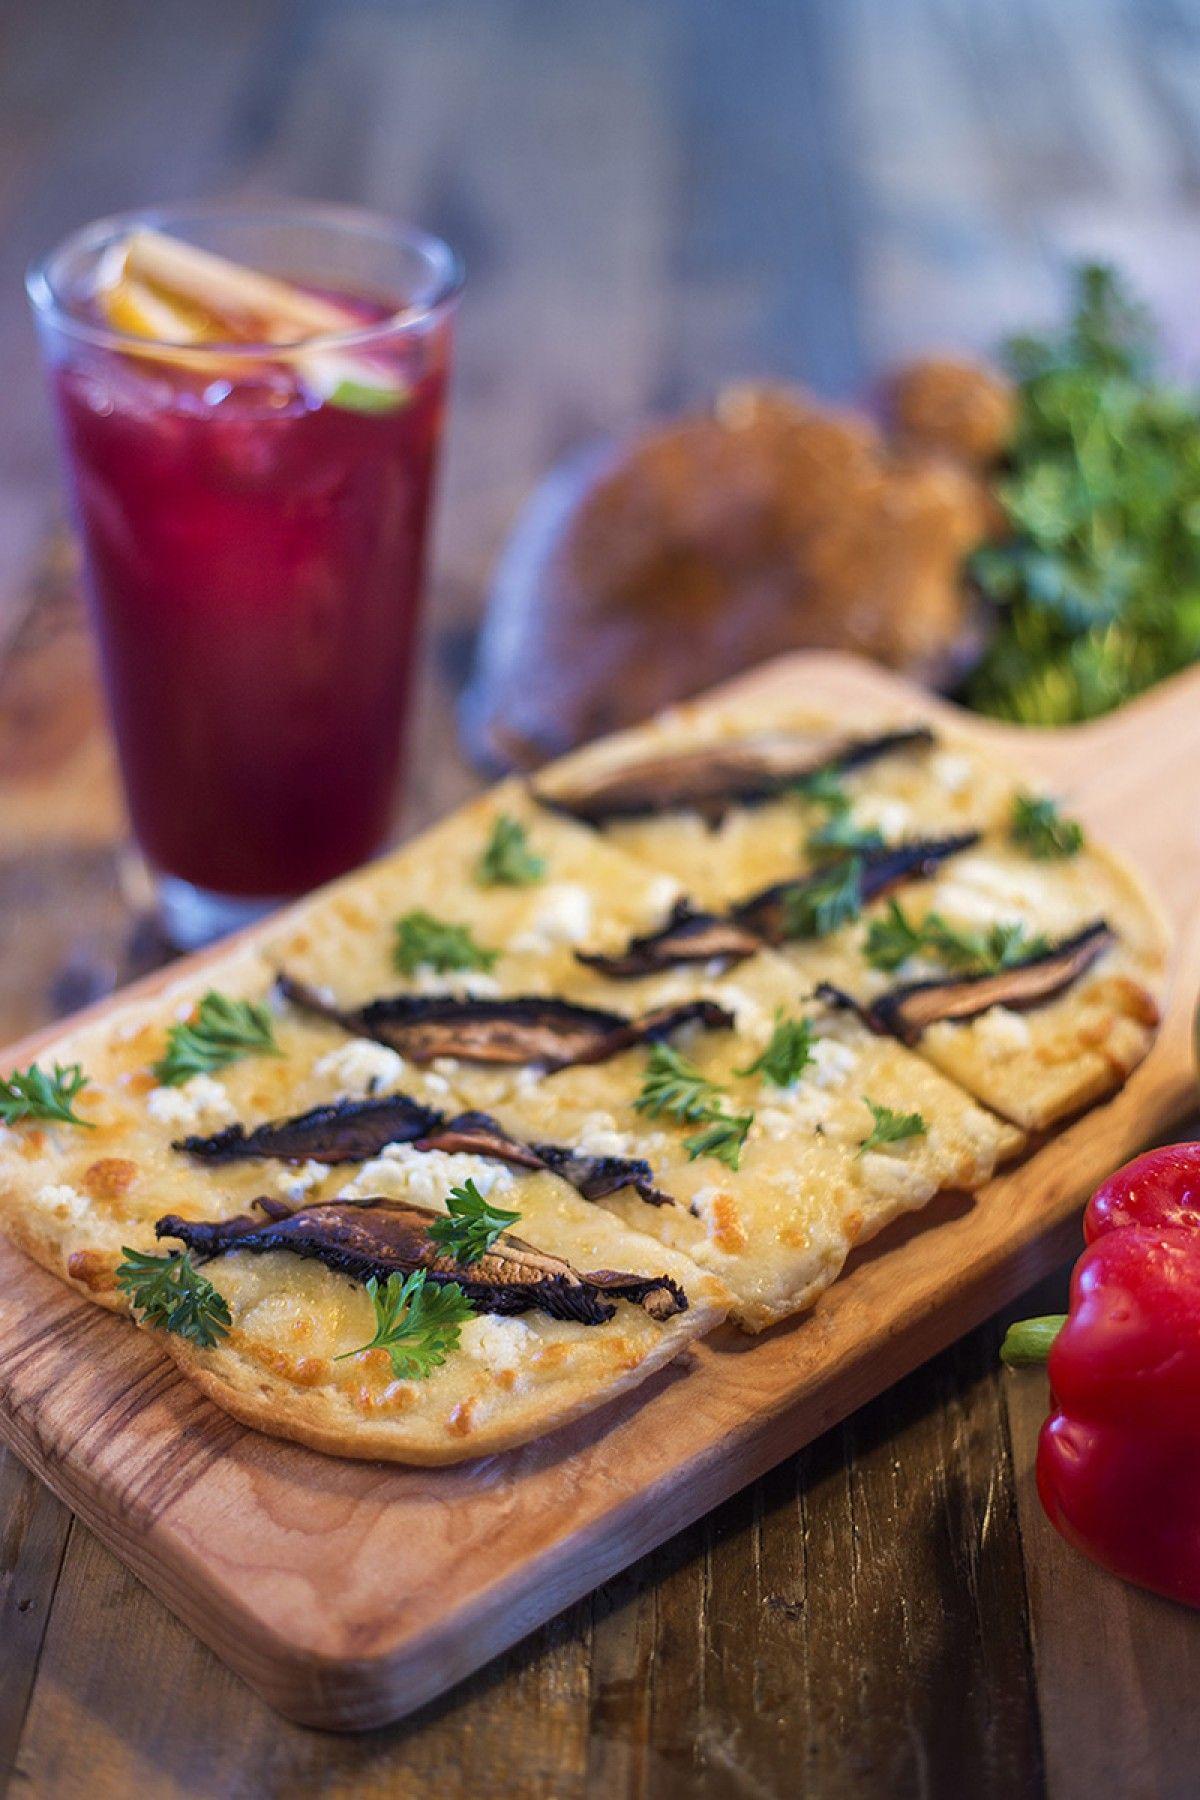 Portobello y queso de cabra. Queso mozzarella y perejil fresco.